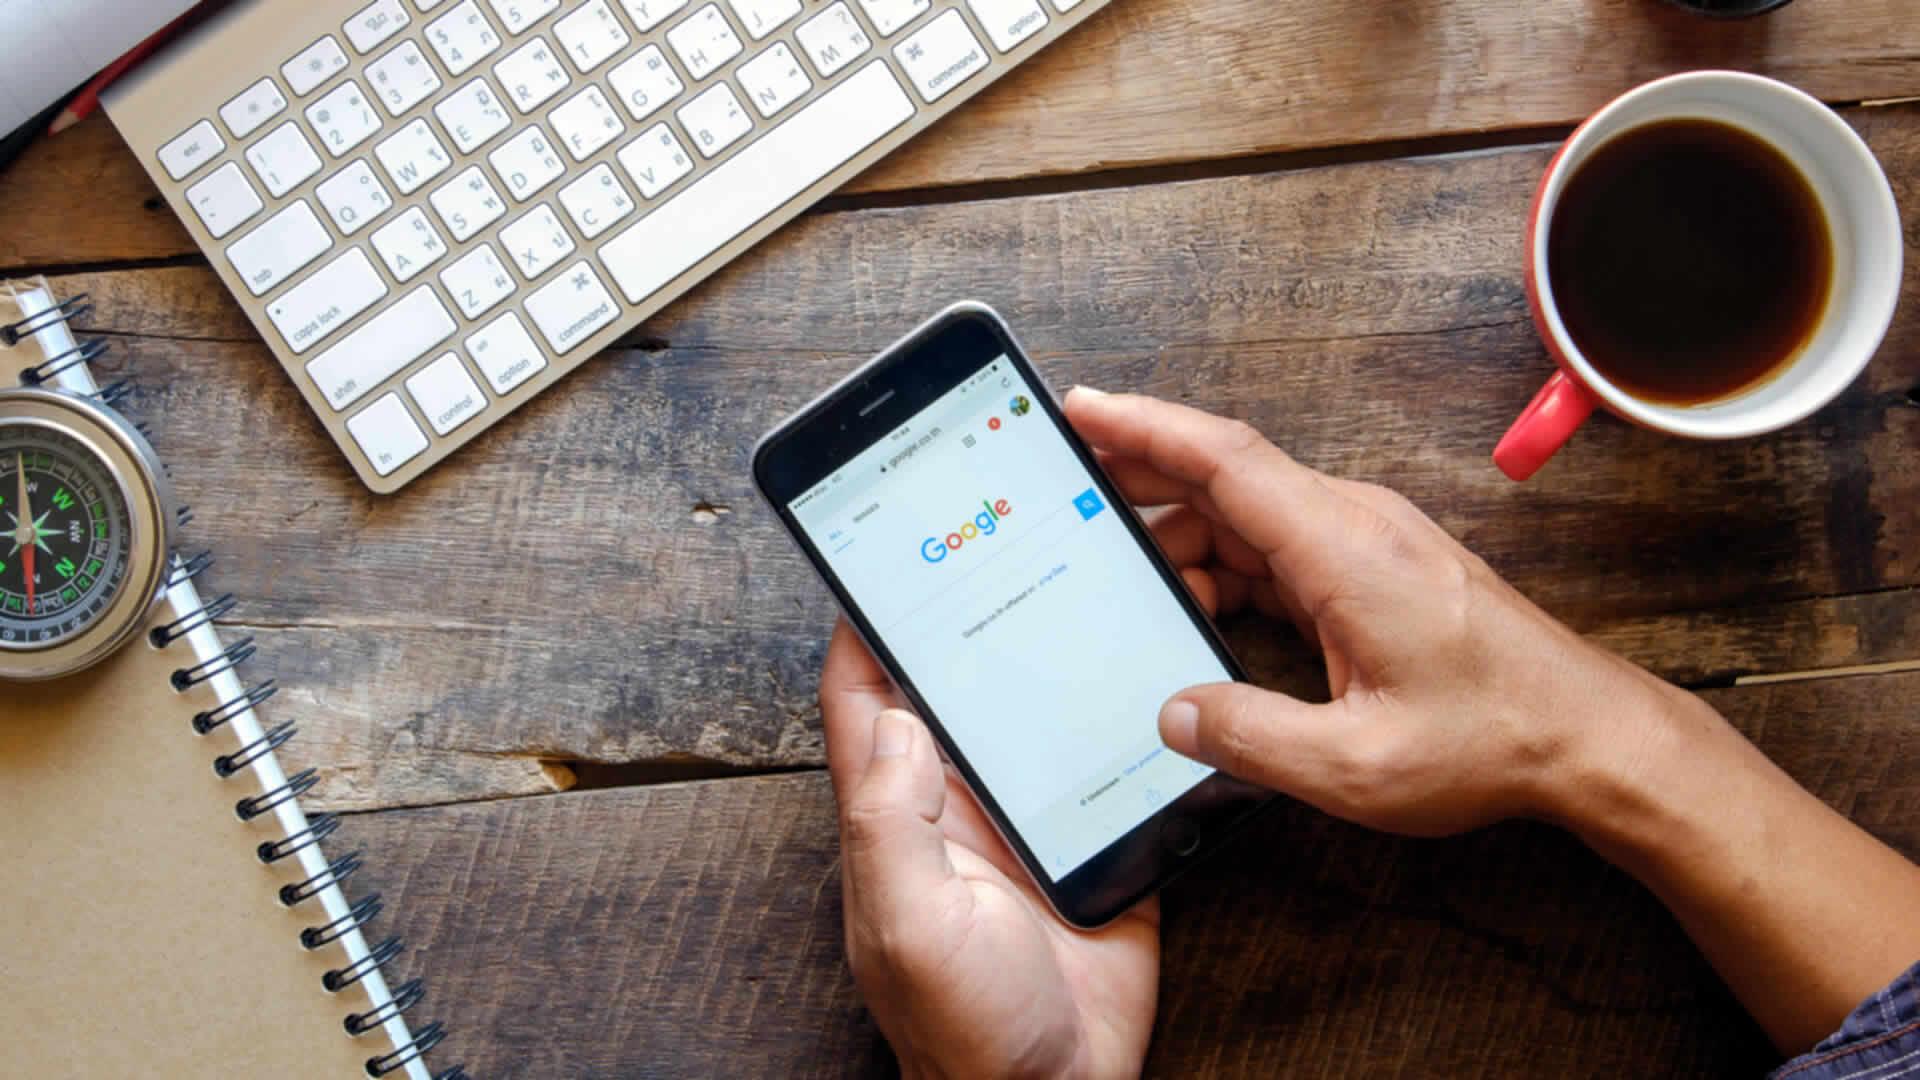 Mãos sobre a mesa segurando um smartphone com o Google na tela. Ao redor, teclado, caderno, bússola e caneca com café.